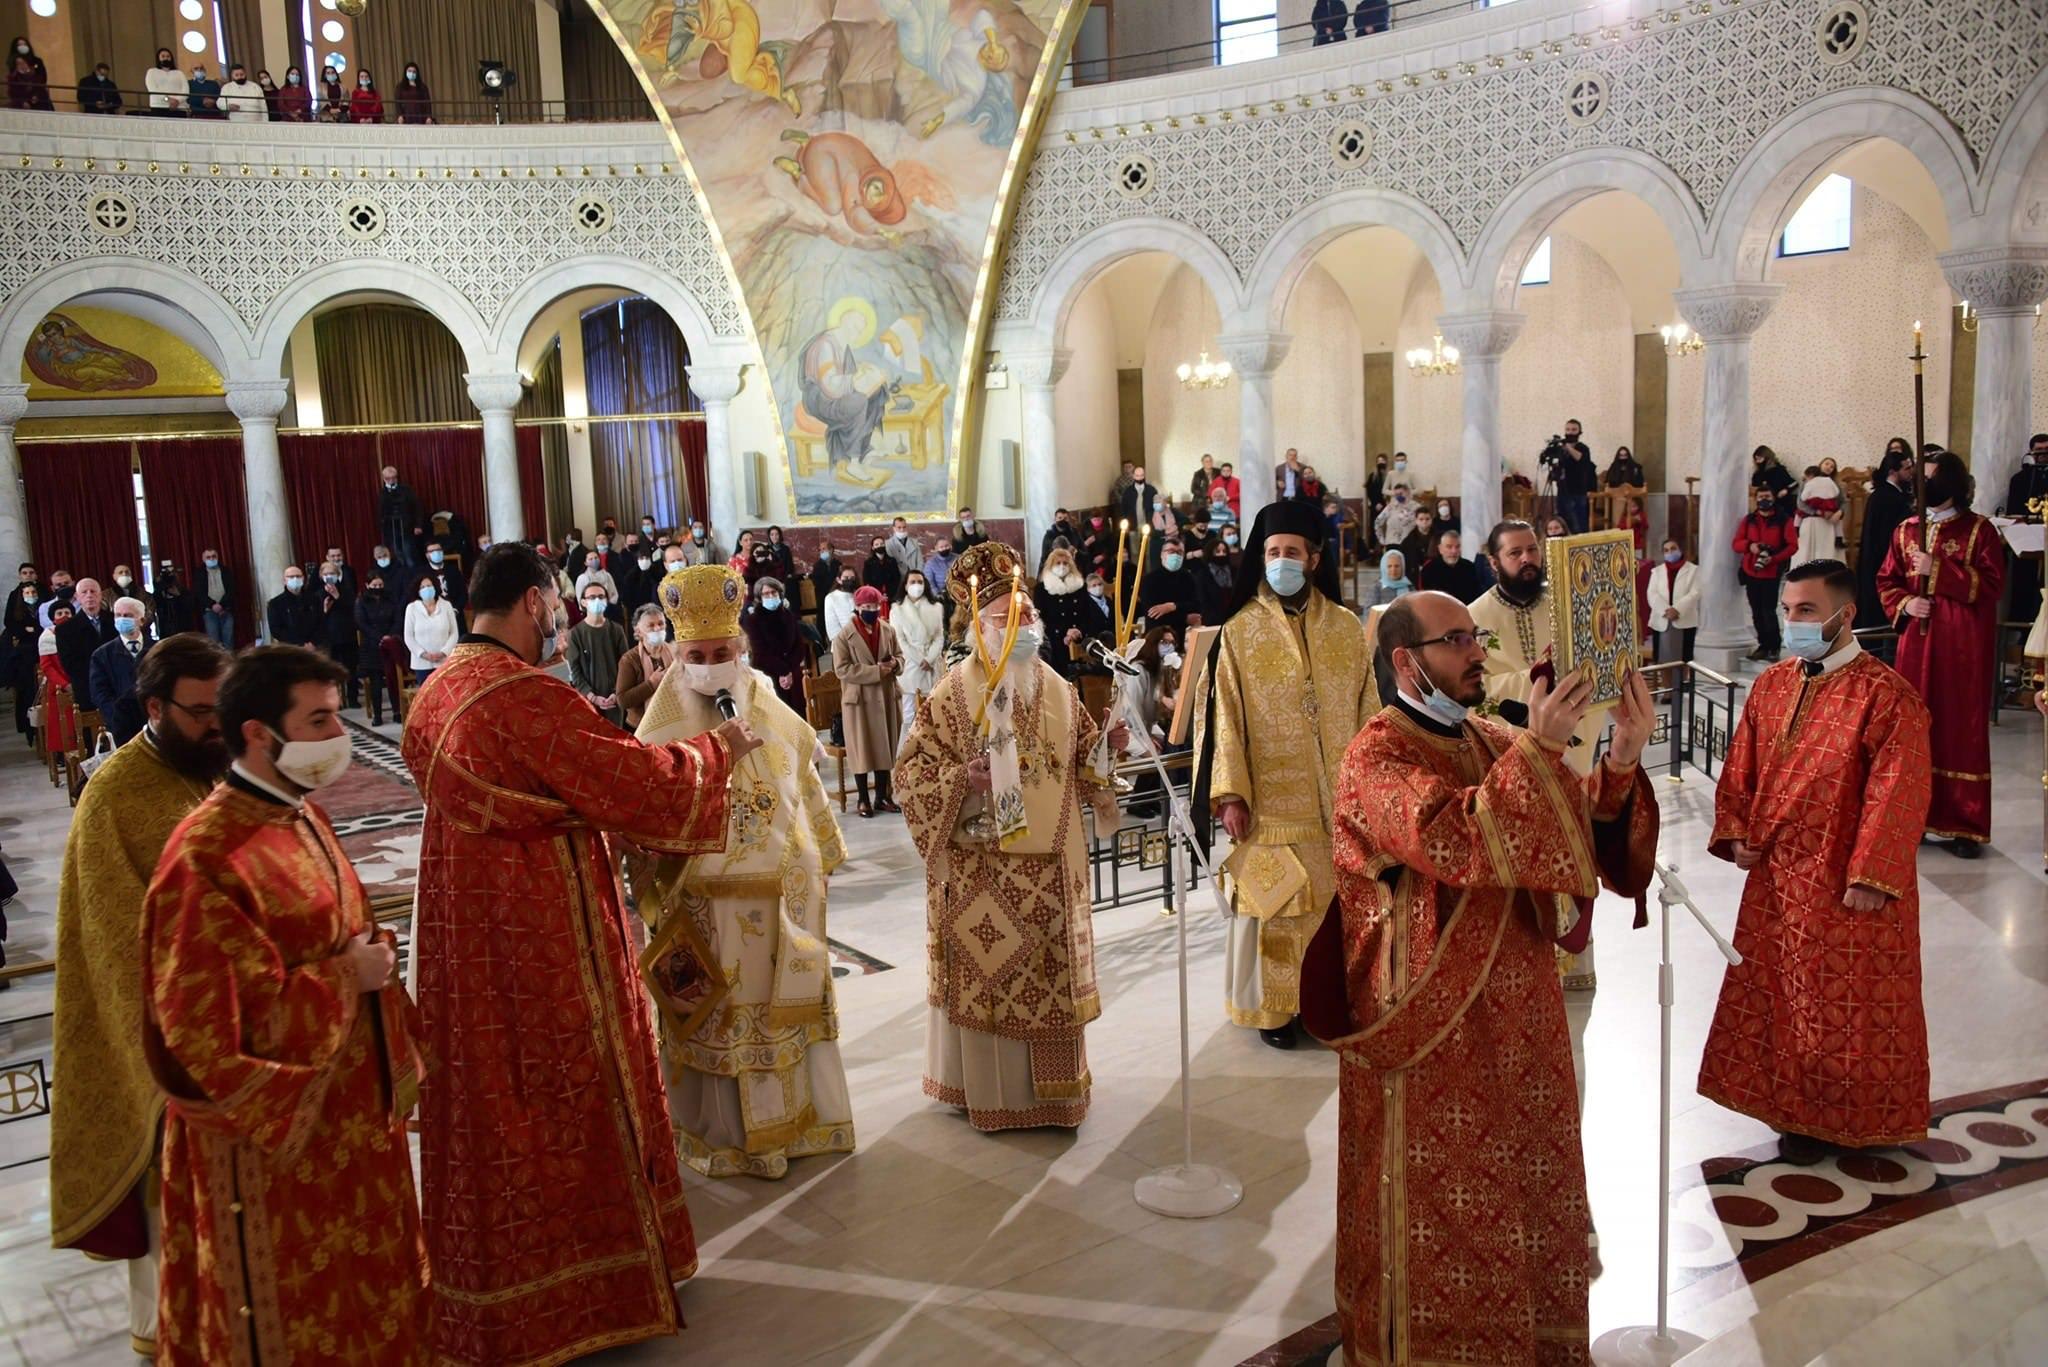 Αρχιεπίσκοπος Αναστάσιος Χριστούγεννα Τίρανα 2020